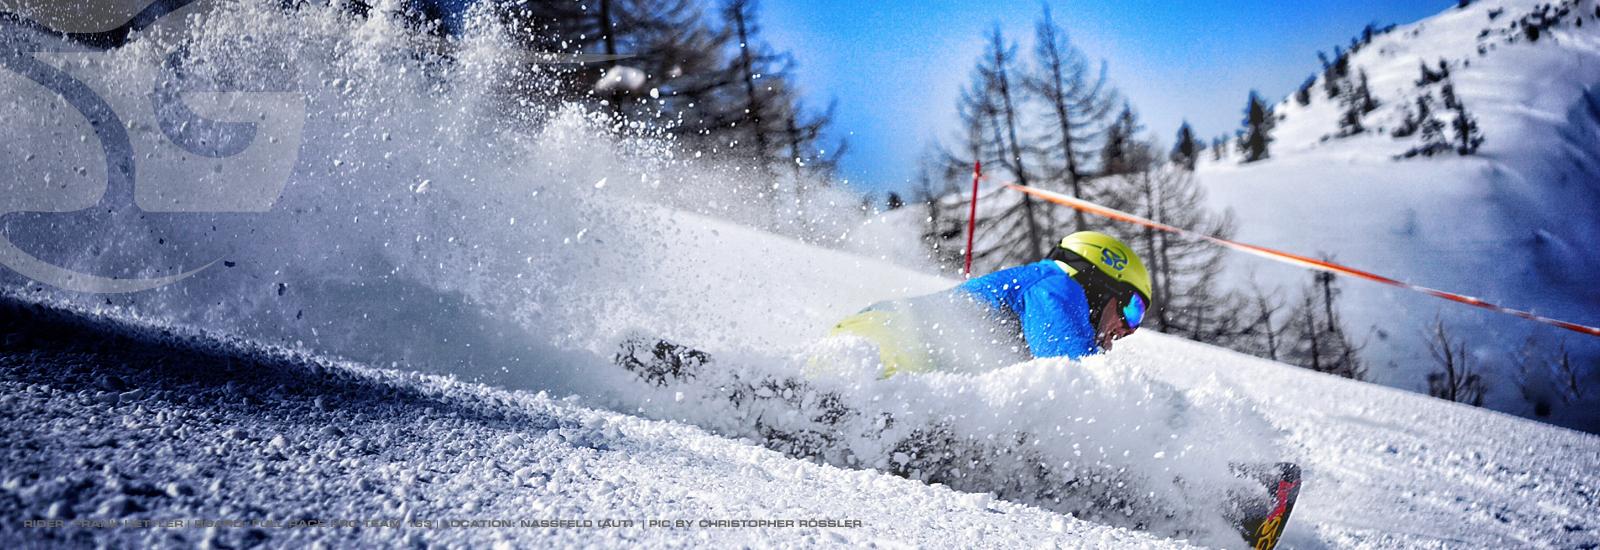 SG SNOWBOARDS Frank Hettler FULL RACE PRO TEAM 163 Nassfeld AUT by Christopher Rössler